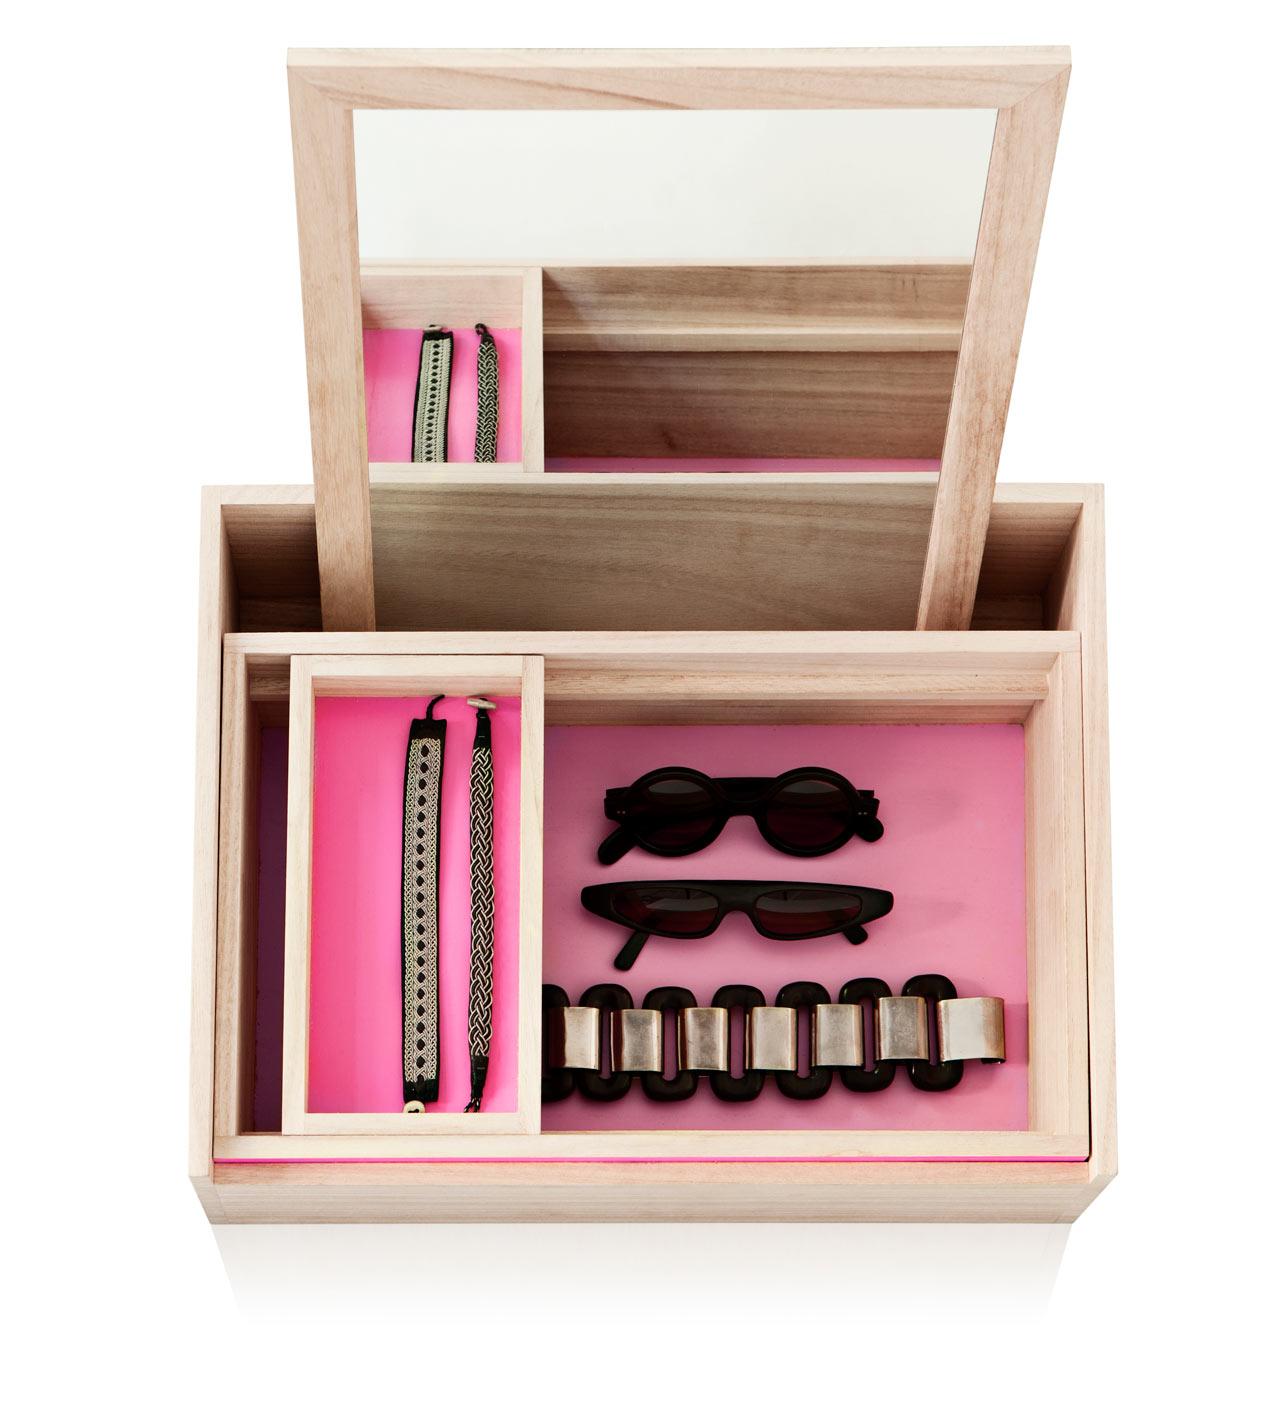 balsabox-personal-modern-jewelry-box.